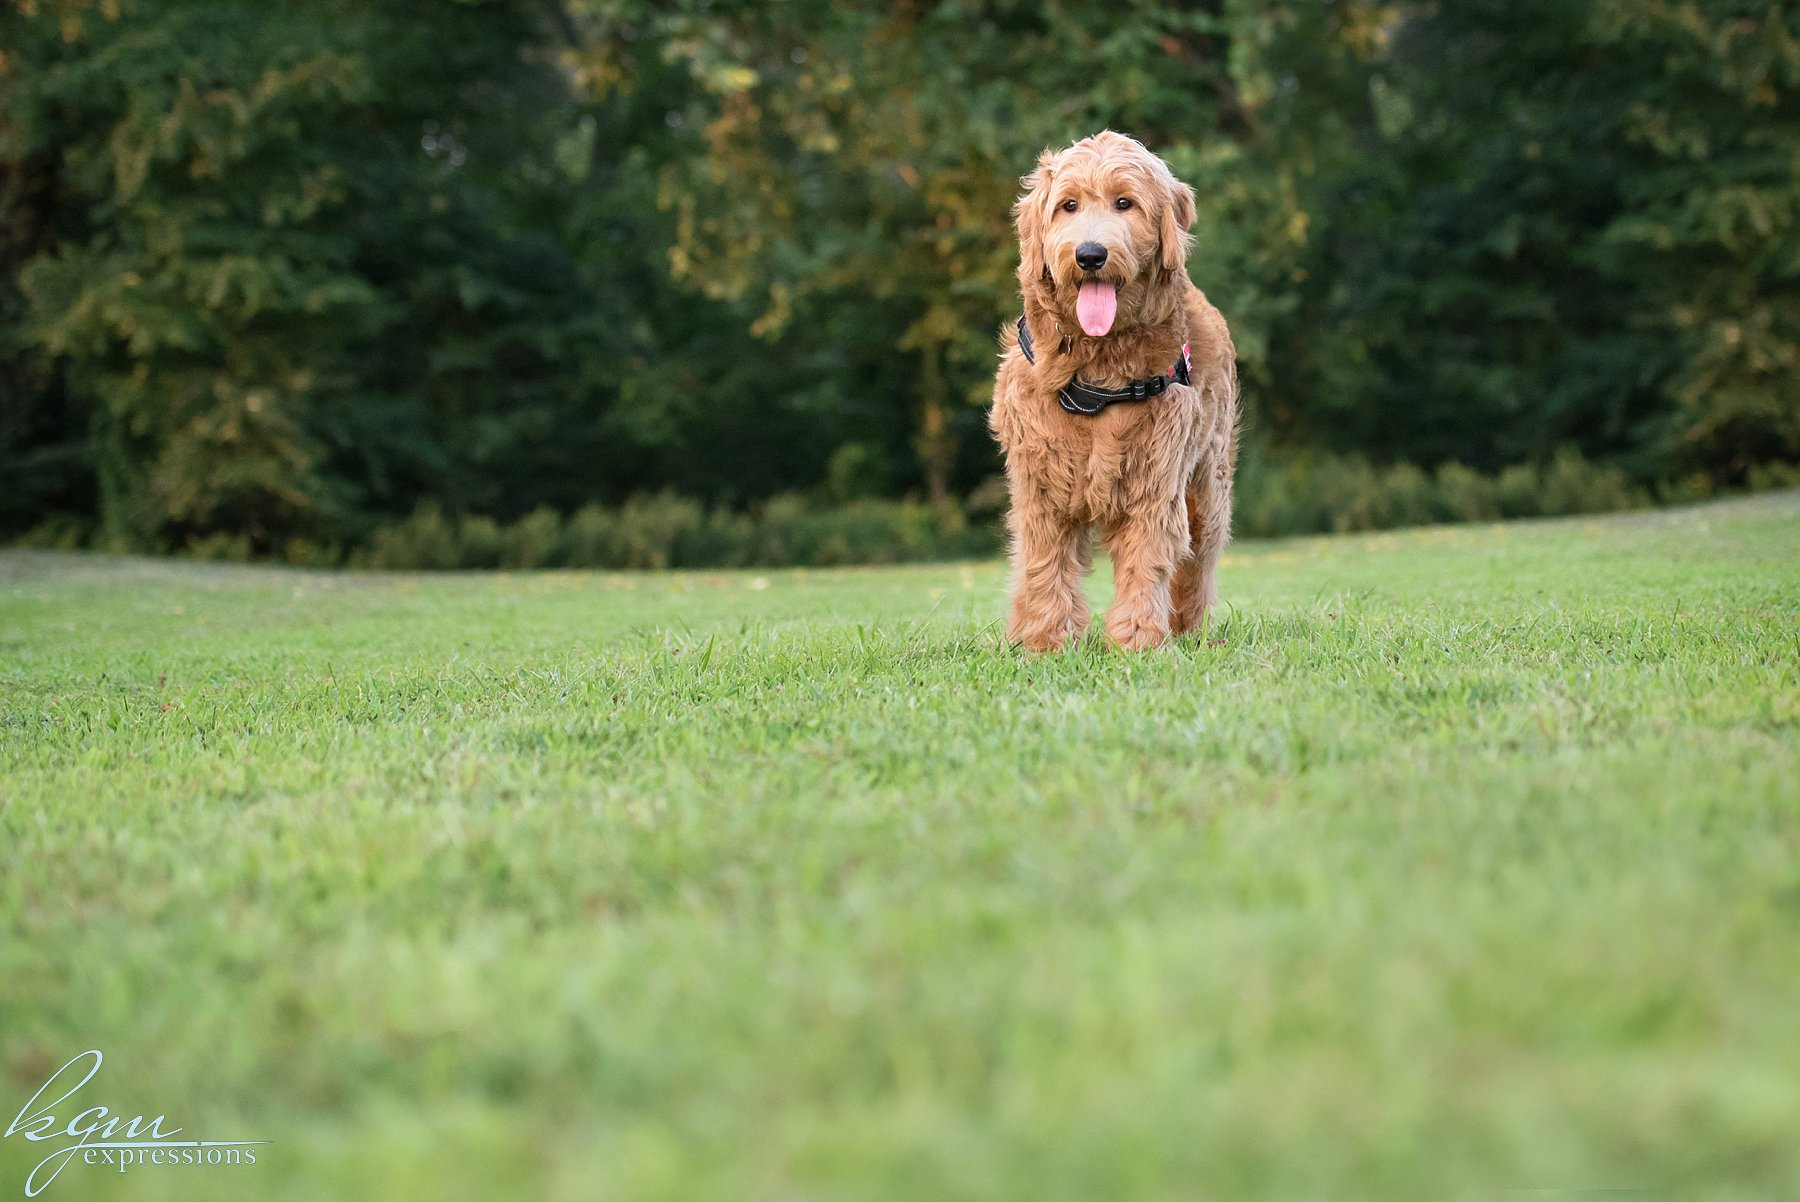 kgm expressions dog photos